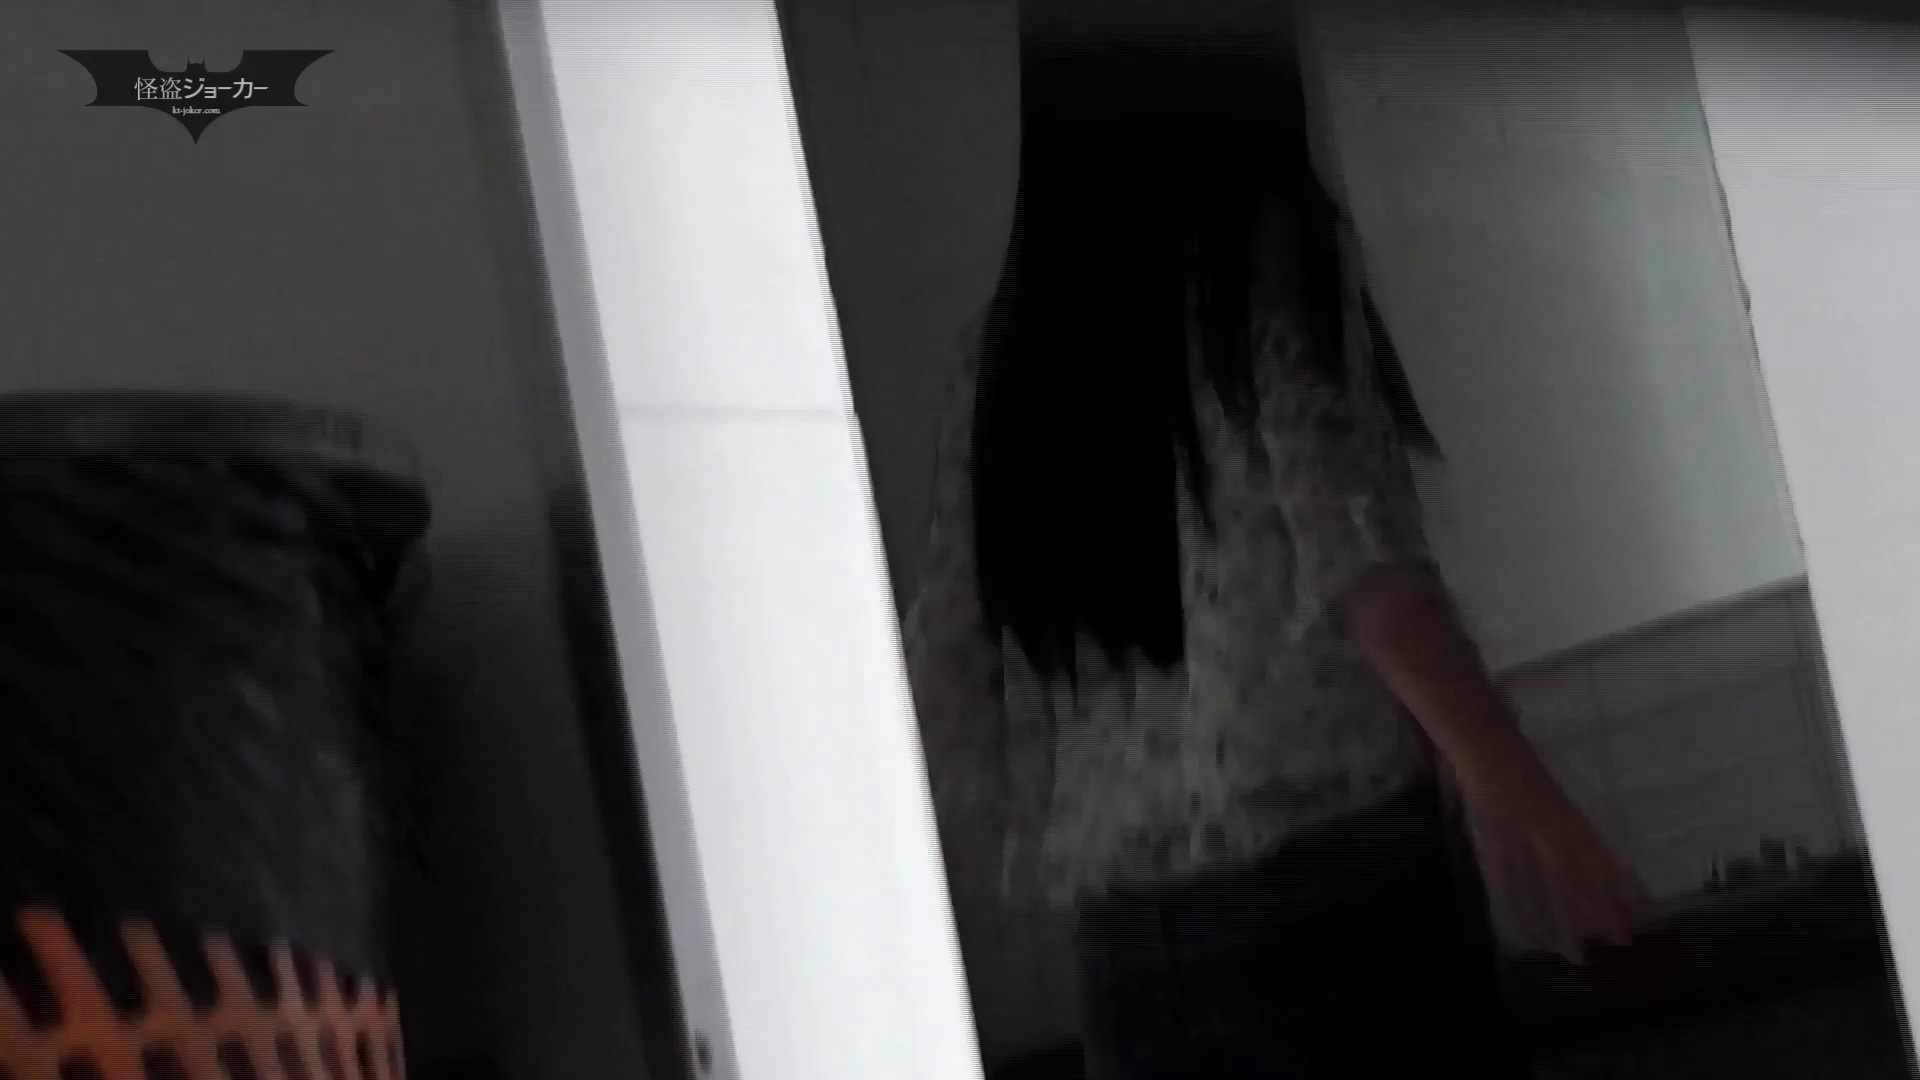 おまんこ|下からノゾム vol.032 走って追跡、そして、カメラ見られ大ピンチ|怪盗ジョーカー